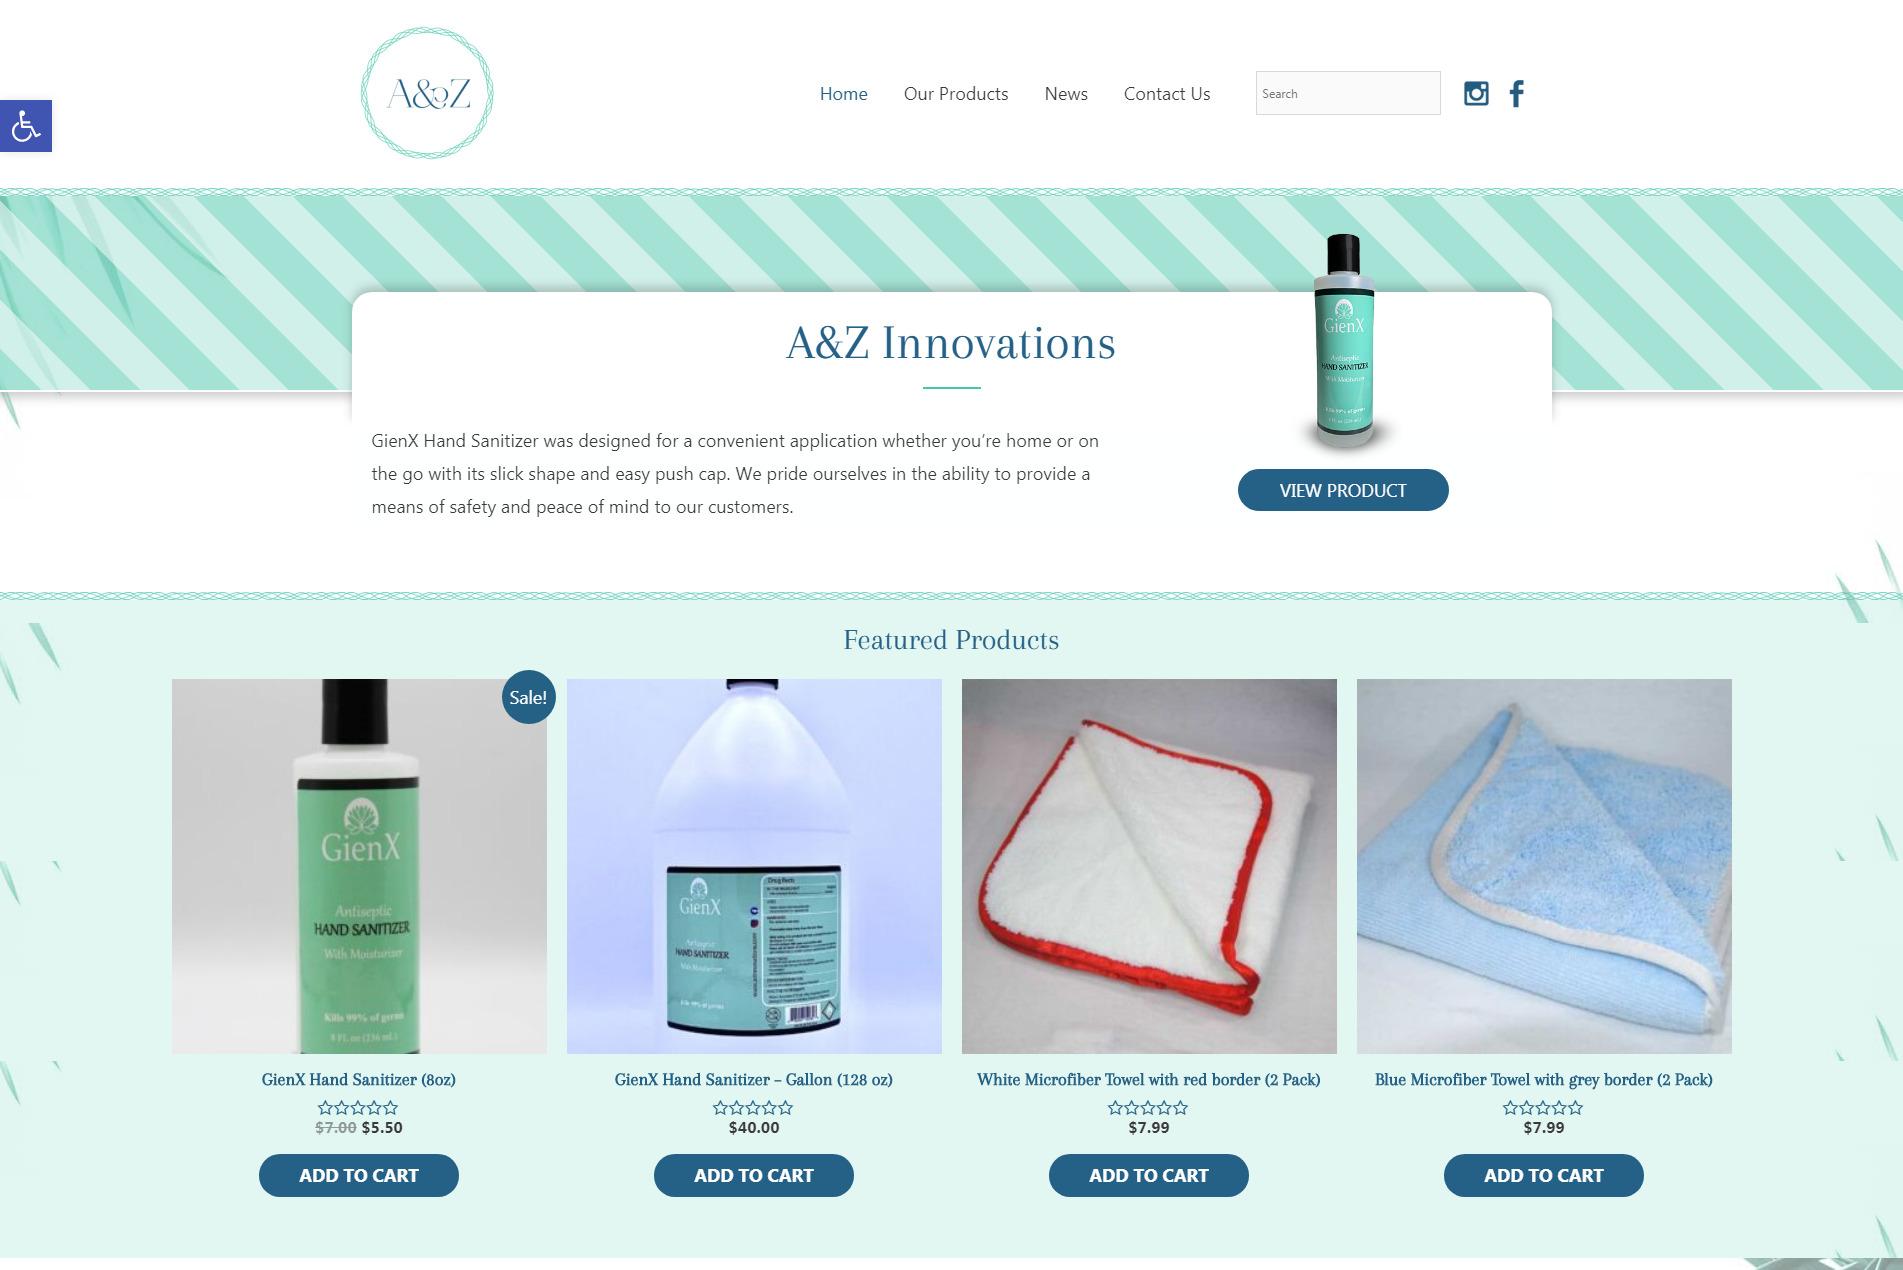 A&Z Innovations